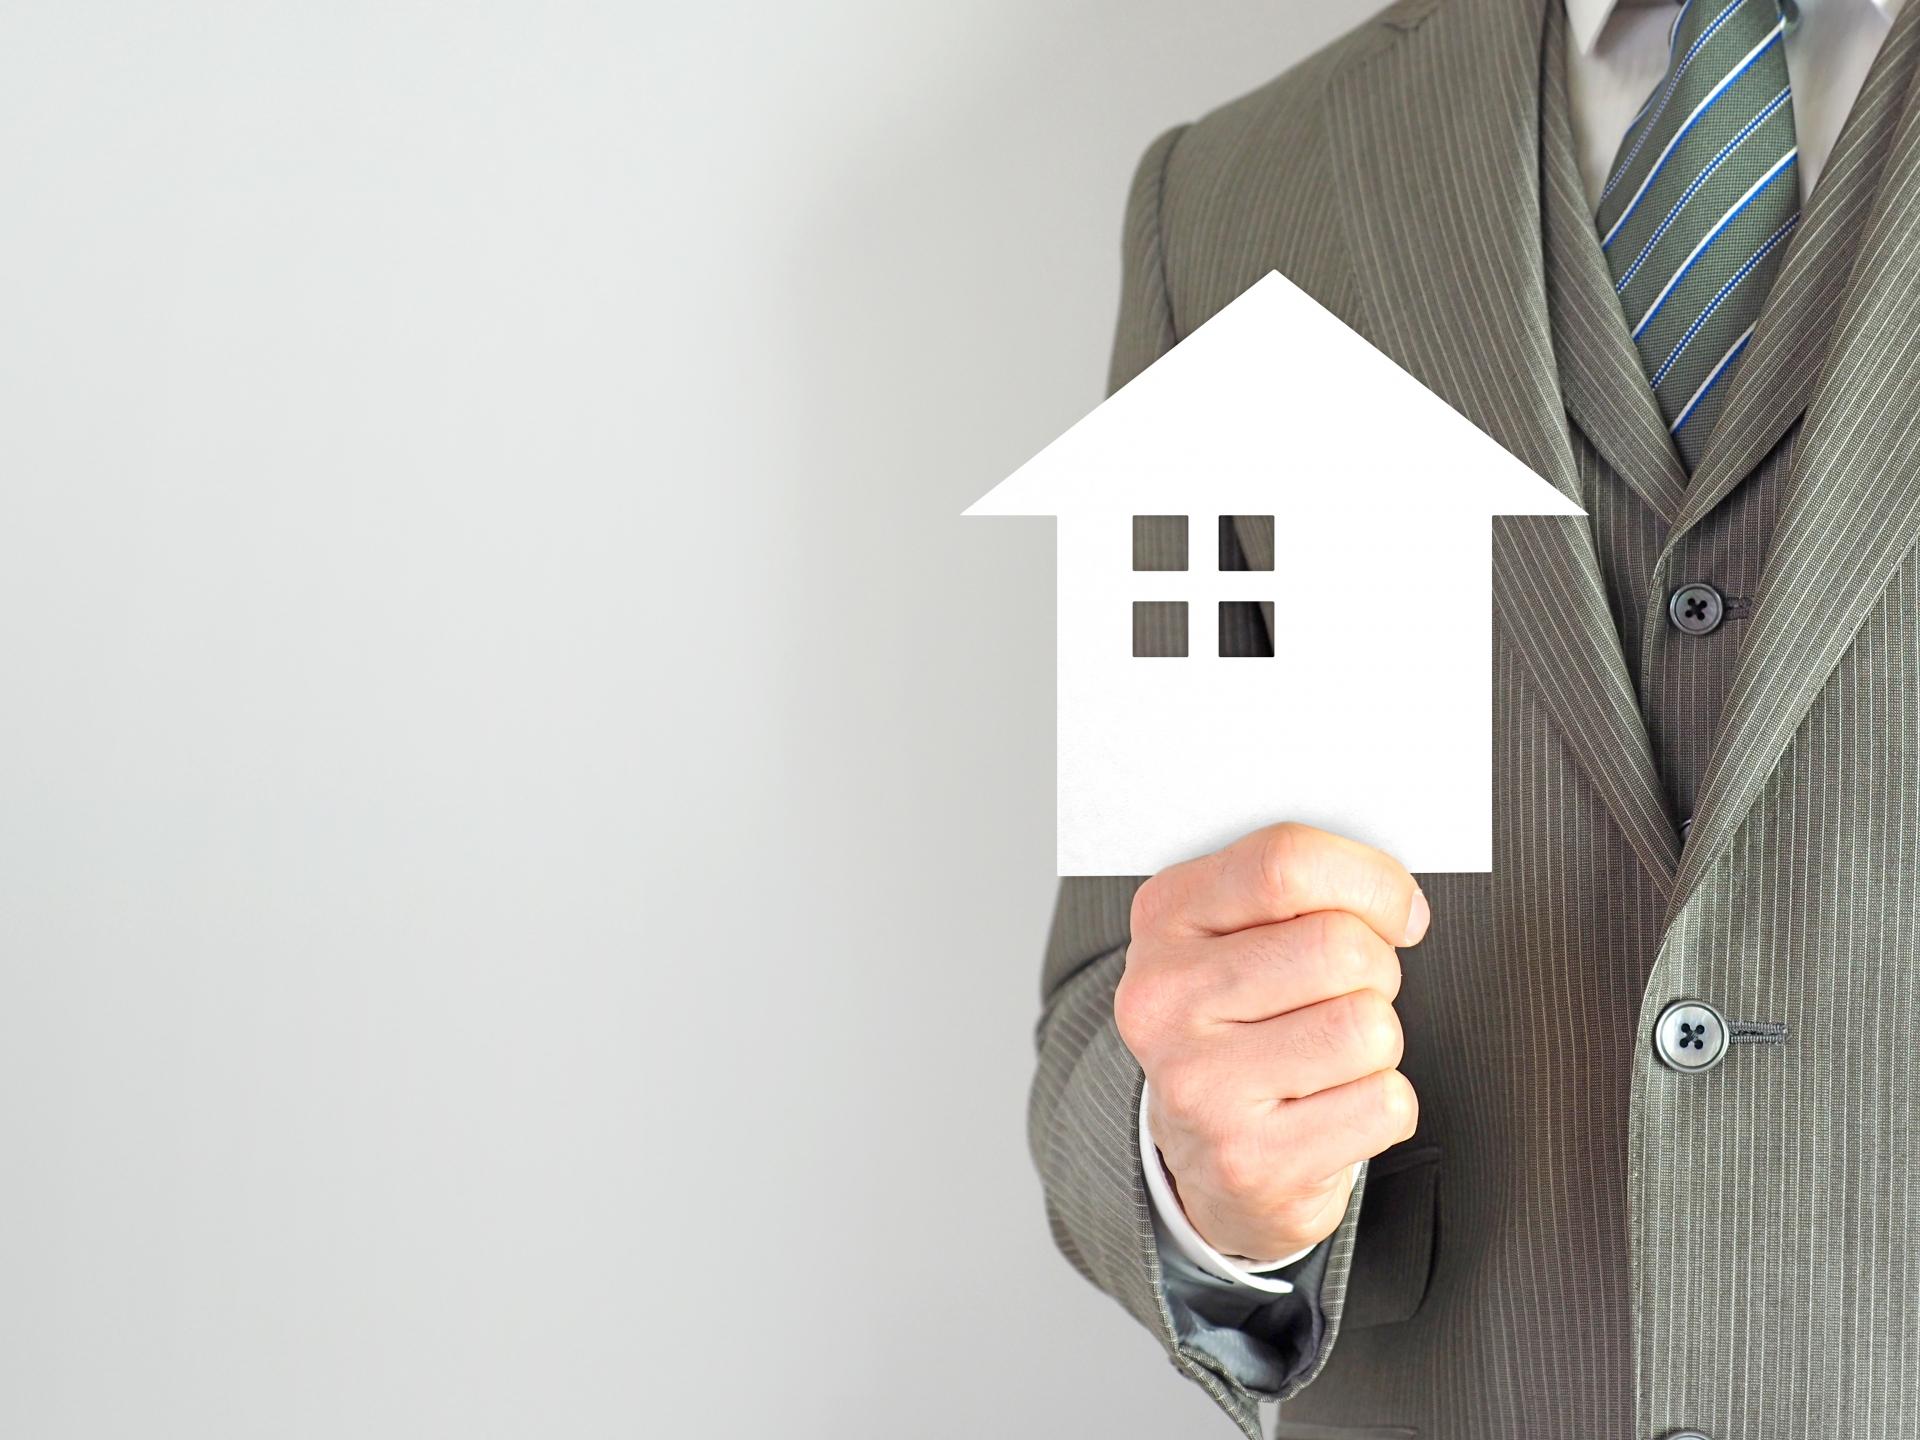 住宅販売営業(ハウスメーカー営業)を辞めたい人へ